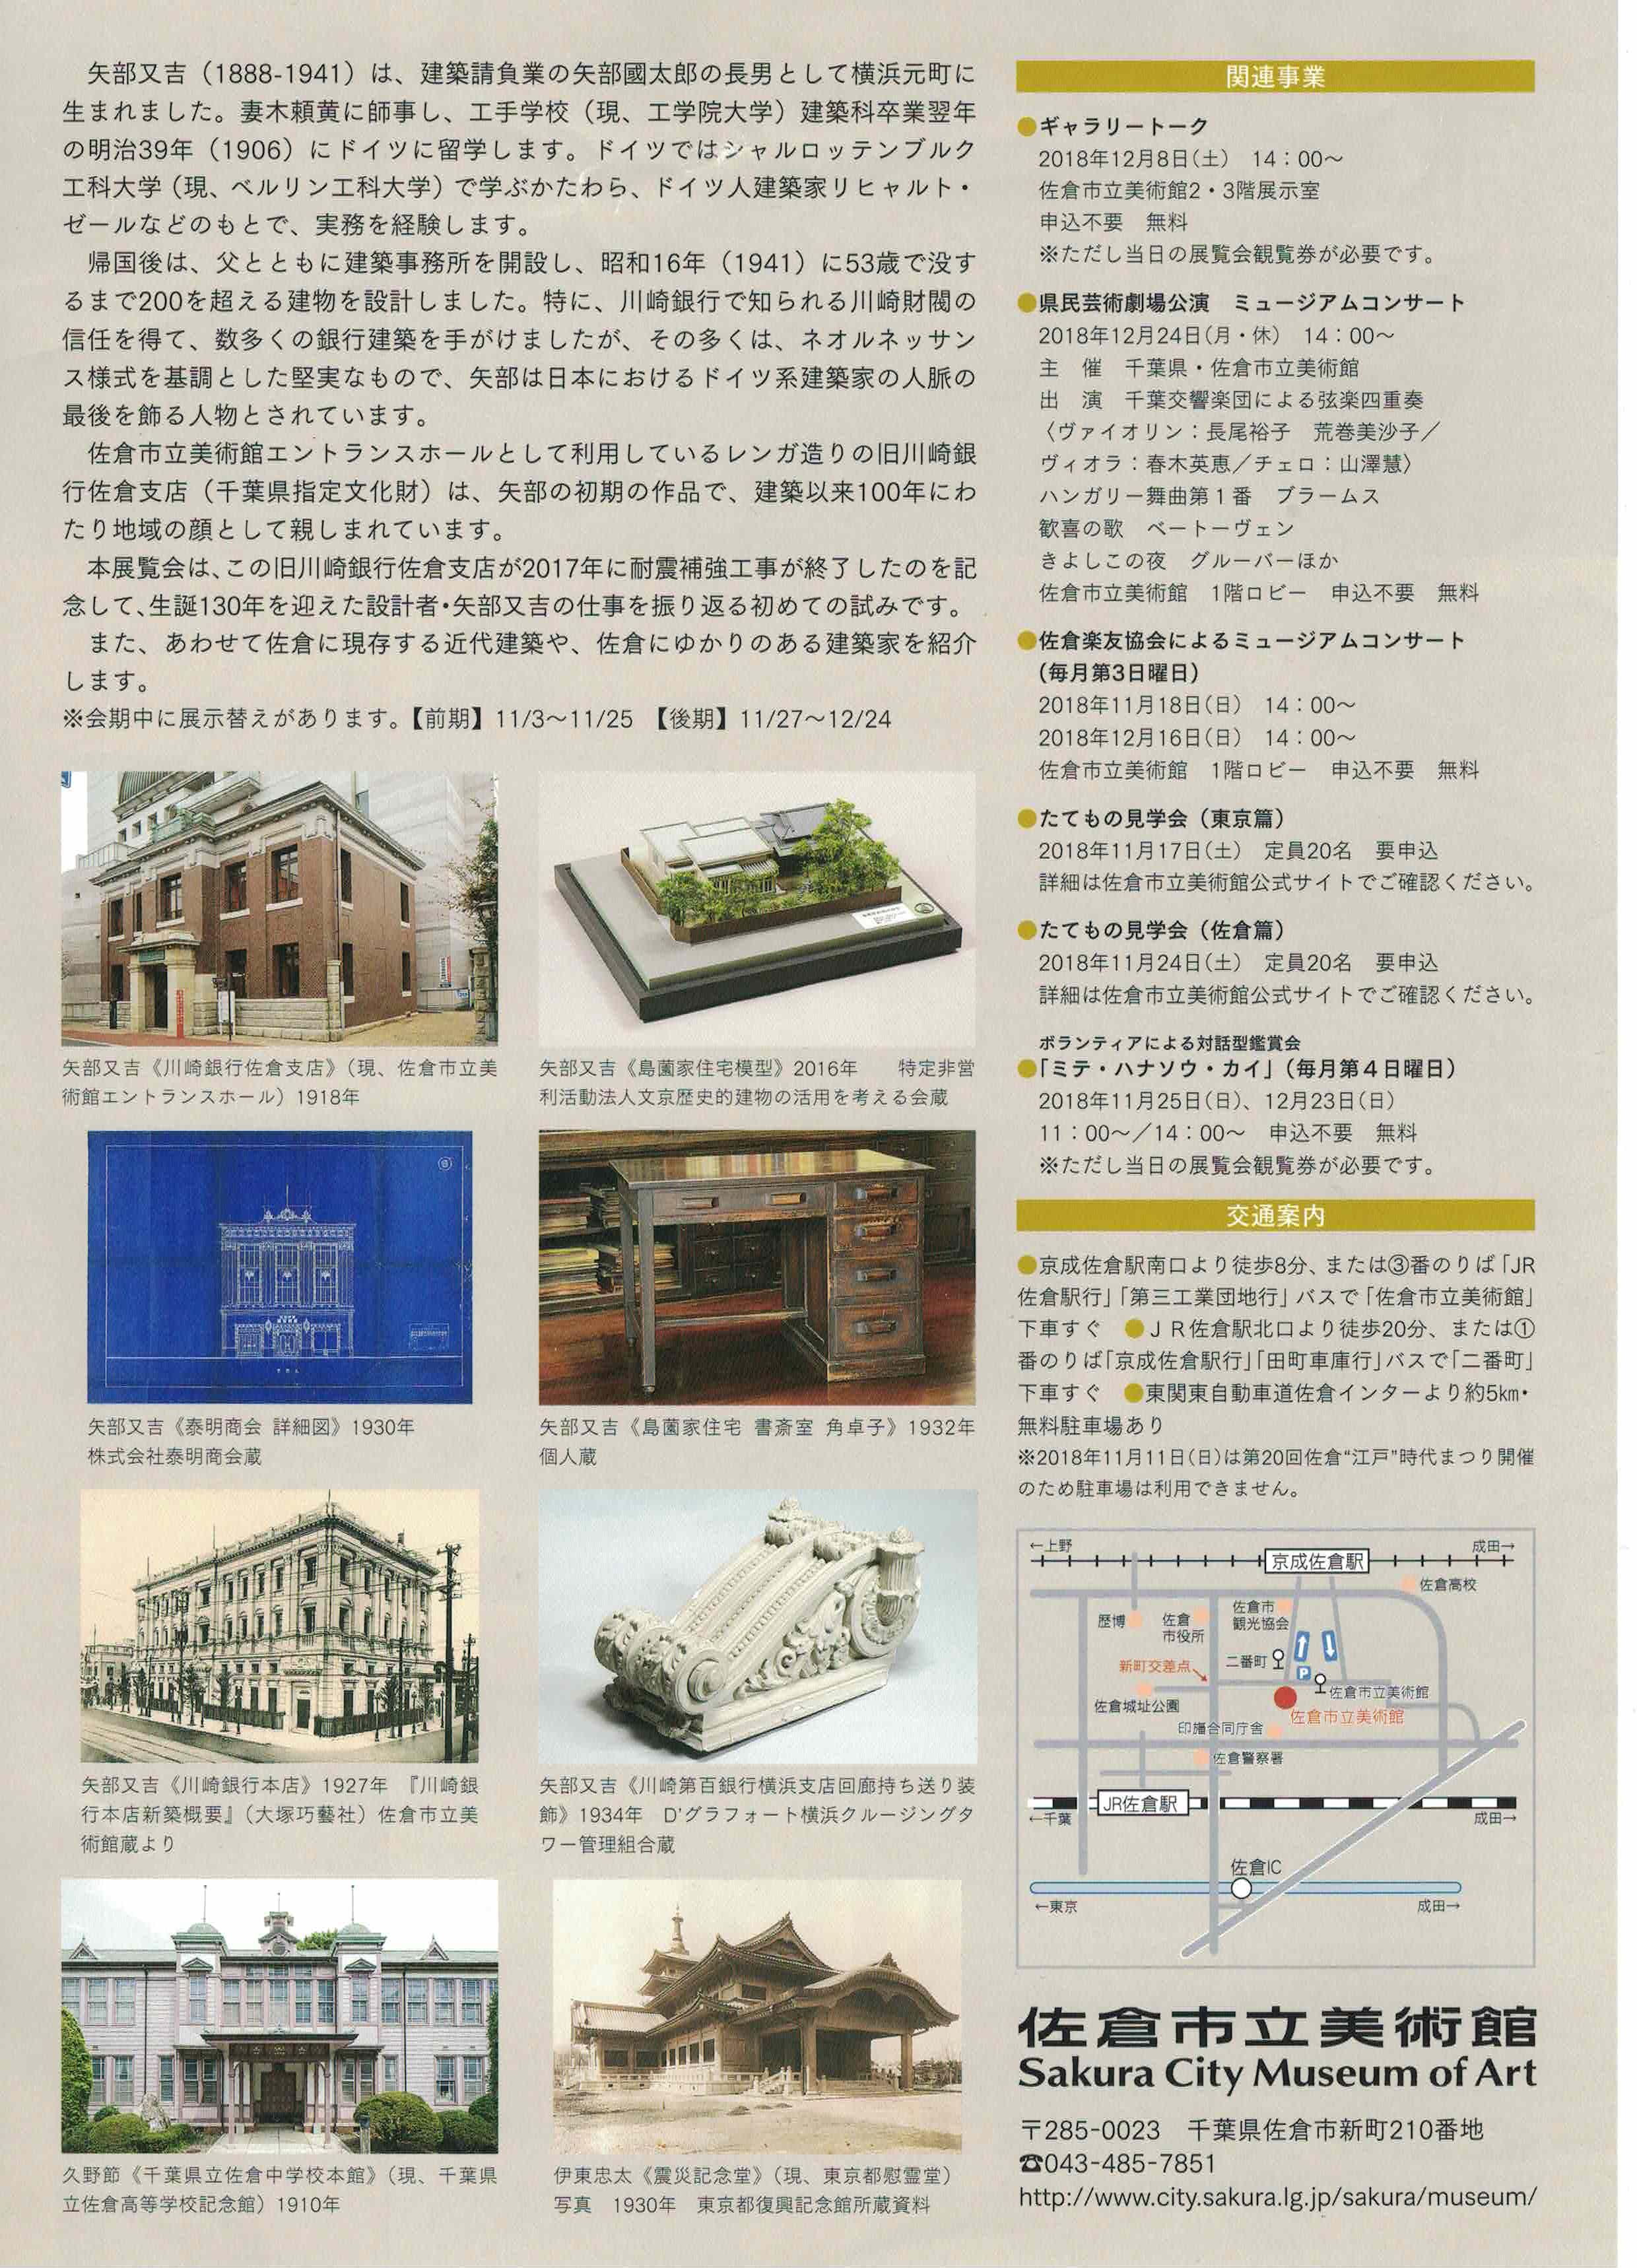 佐倉市立美術館チラシ2